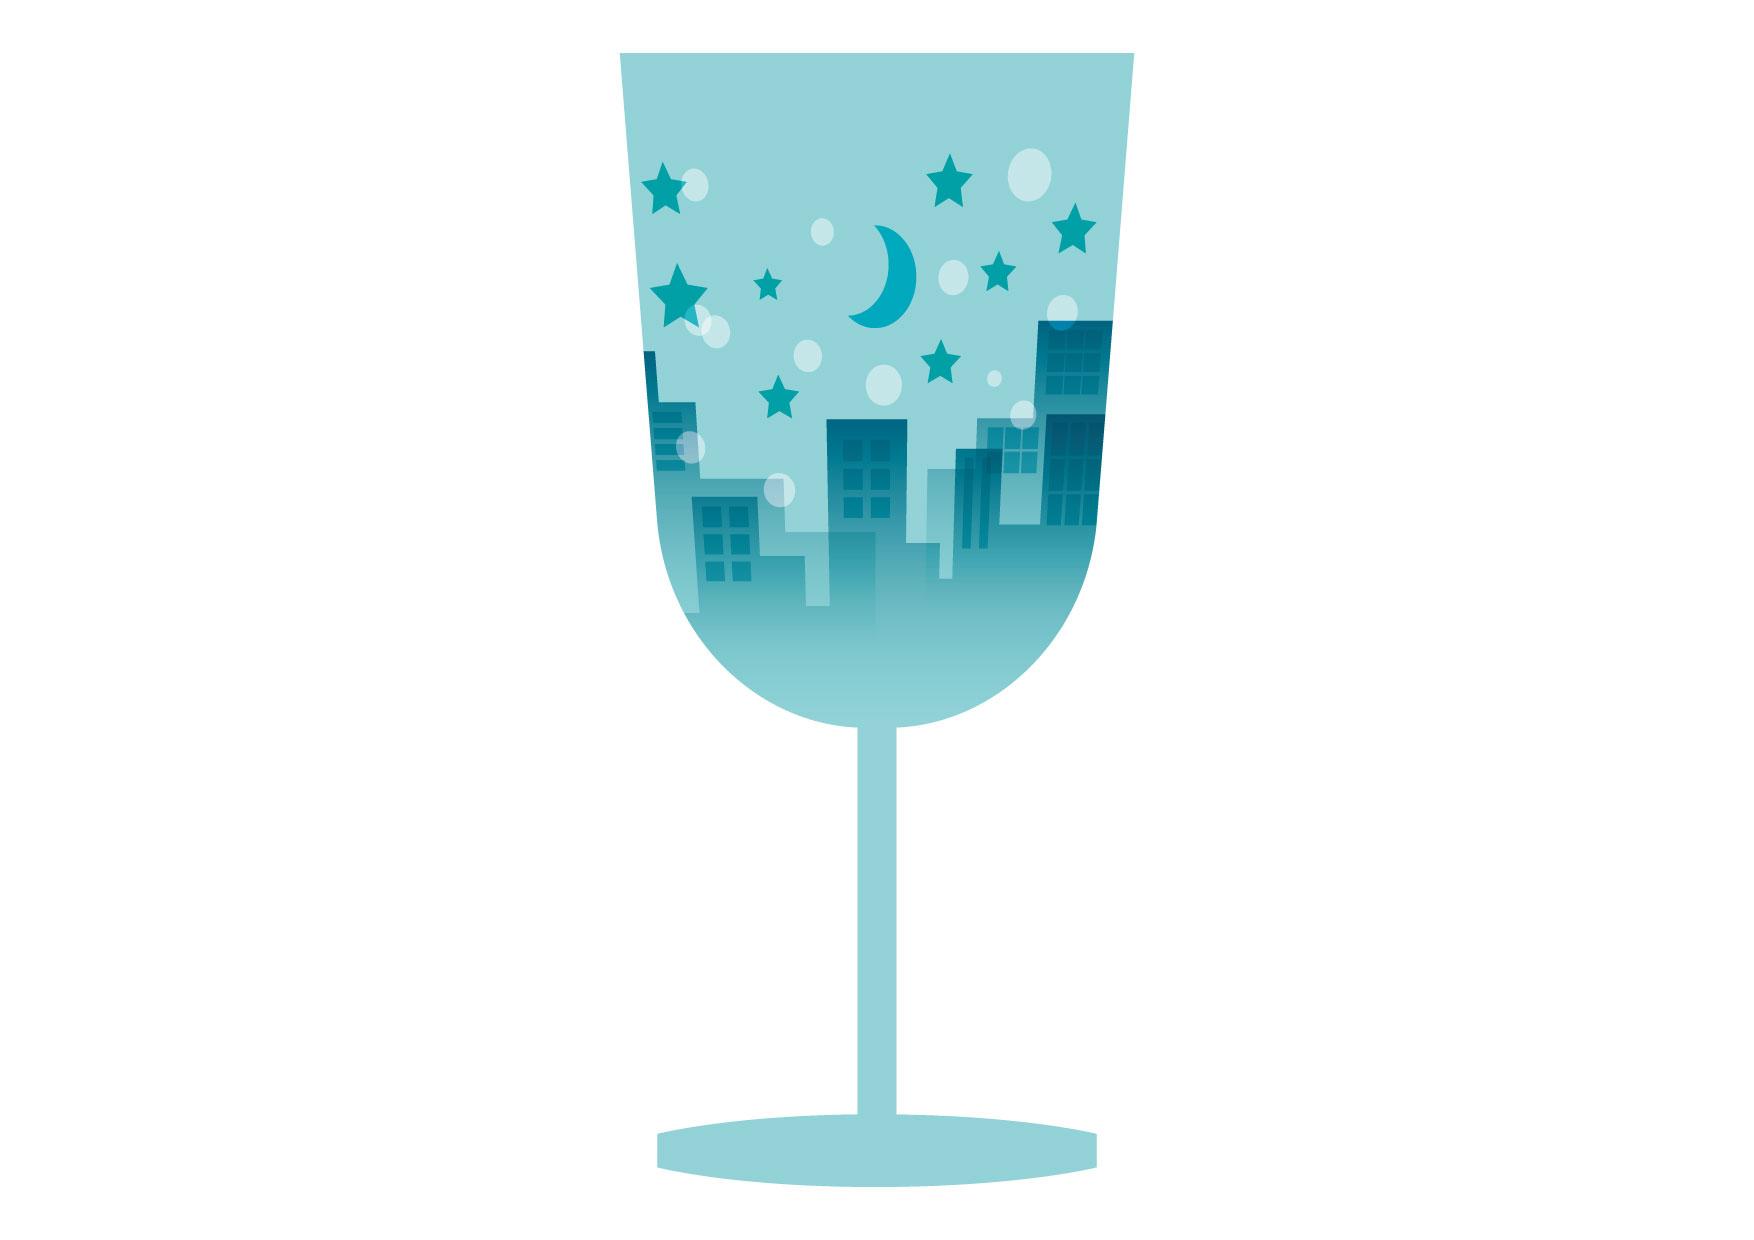 エキゾチックな円フレームのイラスト4点、ワイングラスと街並みのイラスト4点、フラッグのイラスト4点を追加しました。